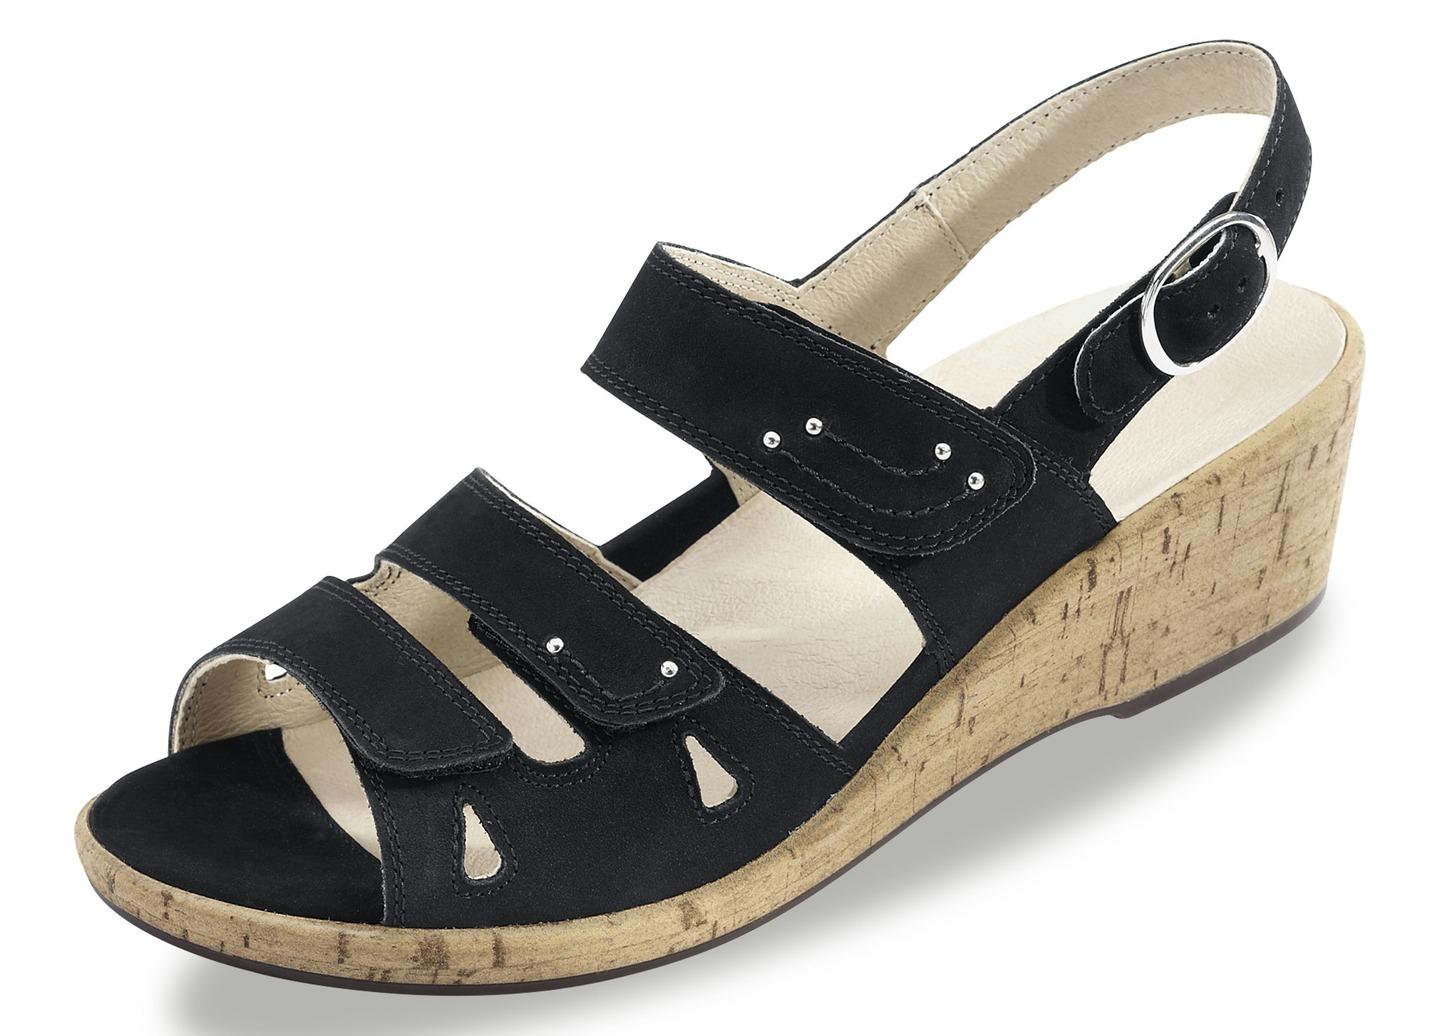 Sandalette  mit herausnehmbarem Lederfußbett Weite H Schuhgröße 7 1/2 Schwarz Damen Preisvergleich